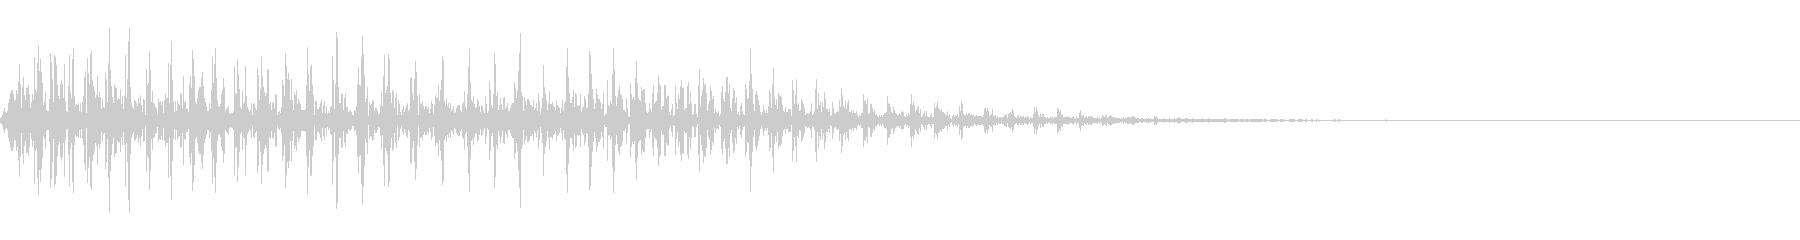 普通のおならの音です。の未再生の波形